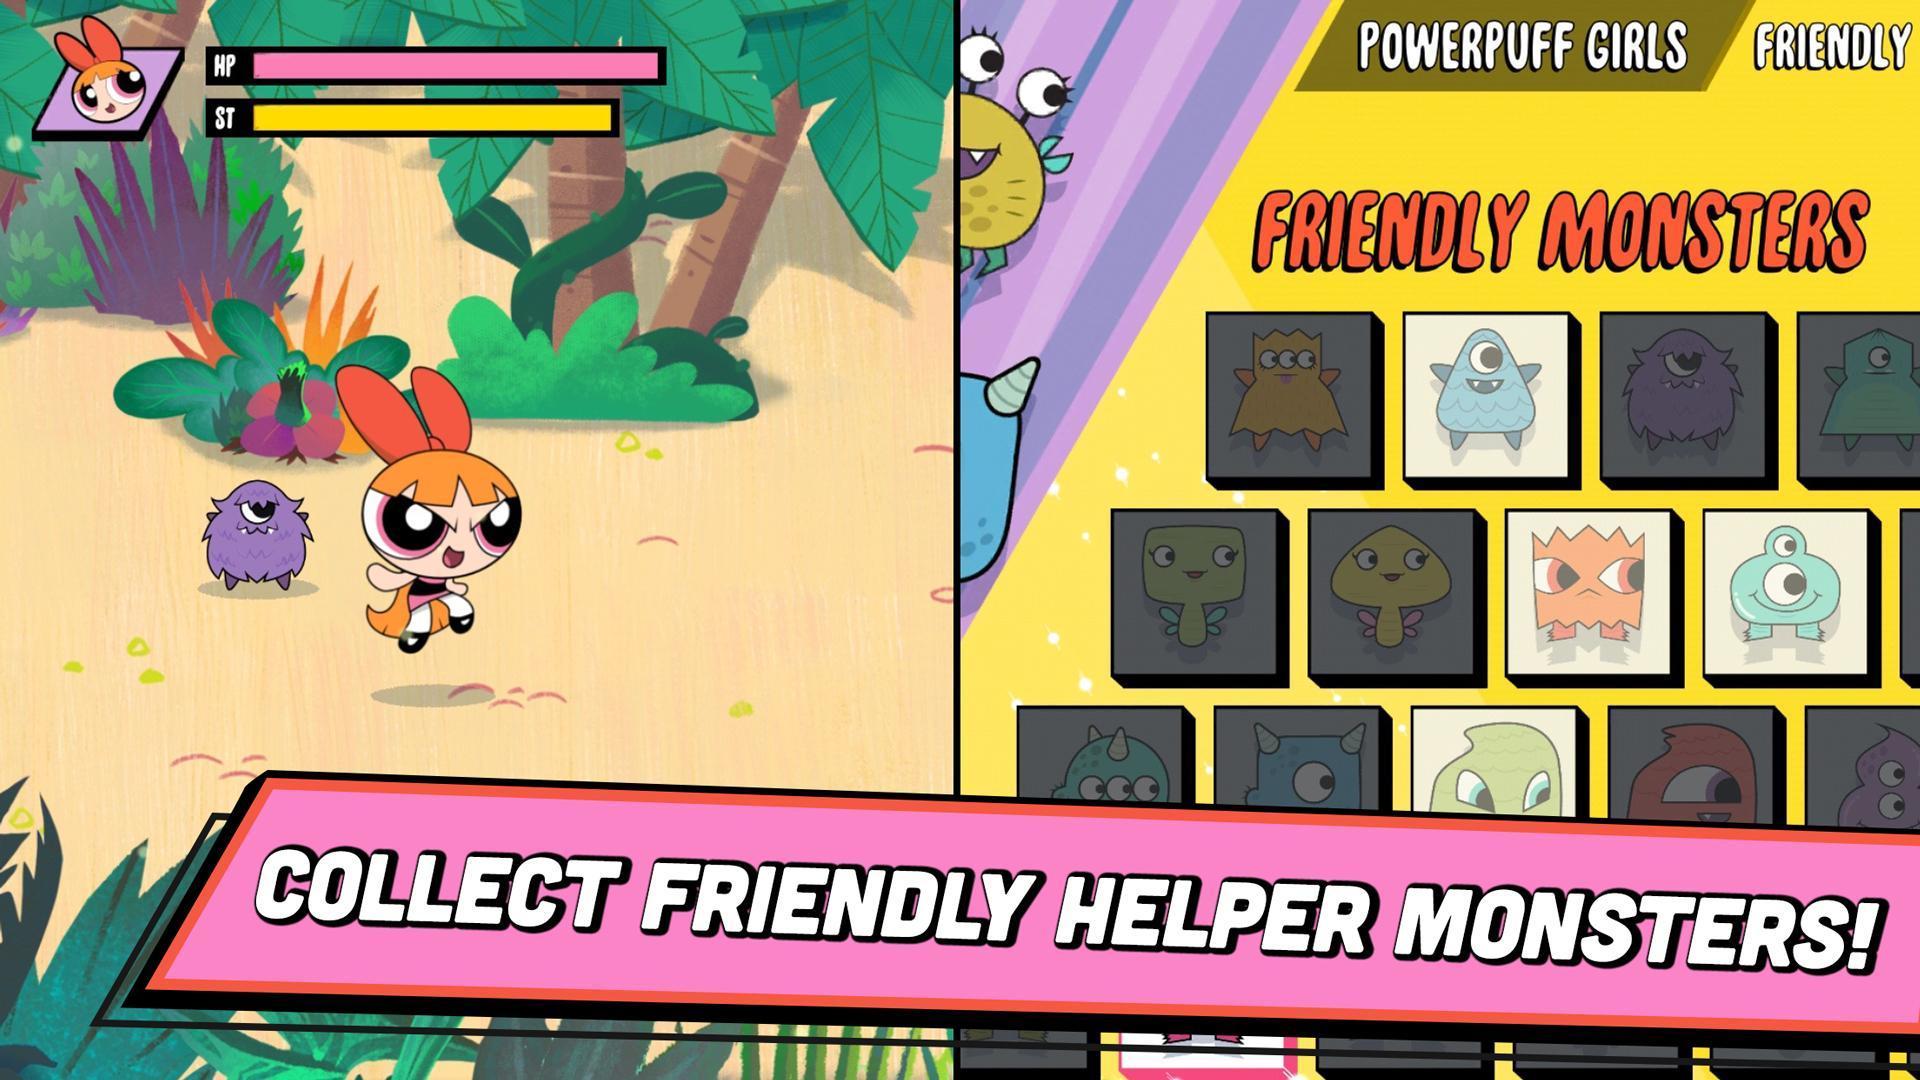 Ready, Set, Monsters! Powerpuff Girls Games 1.0.2 Screenshot 14